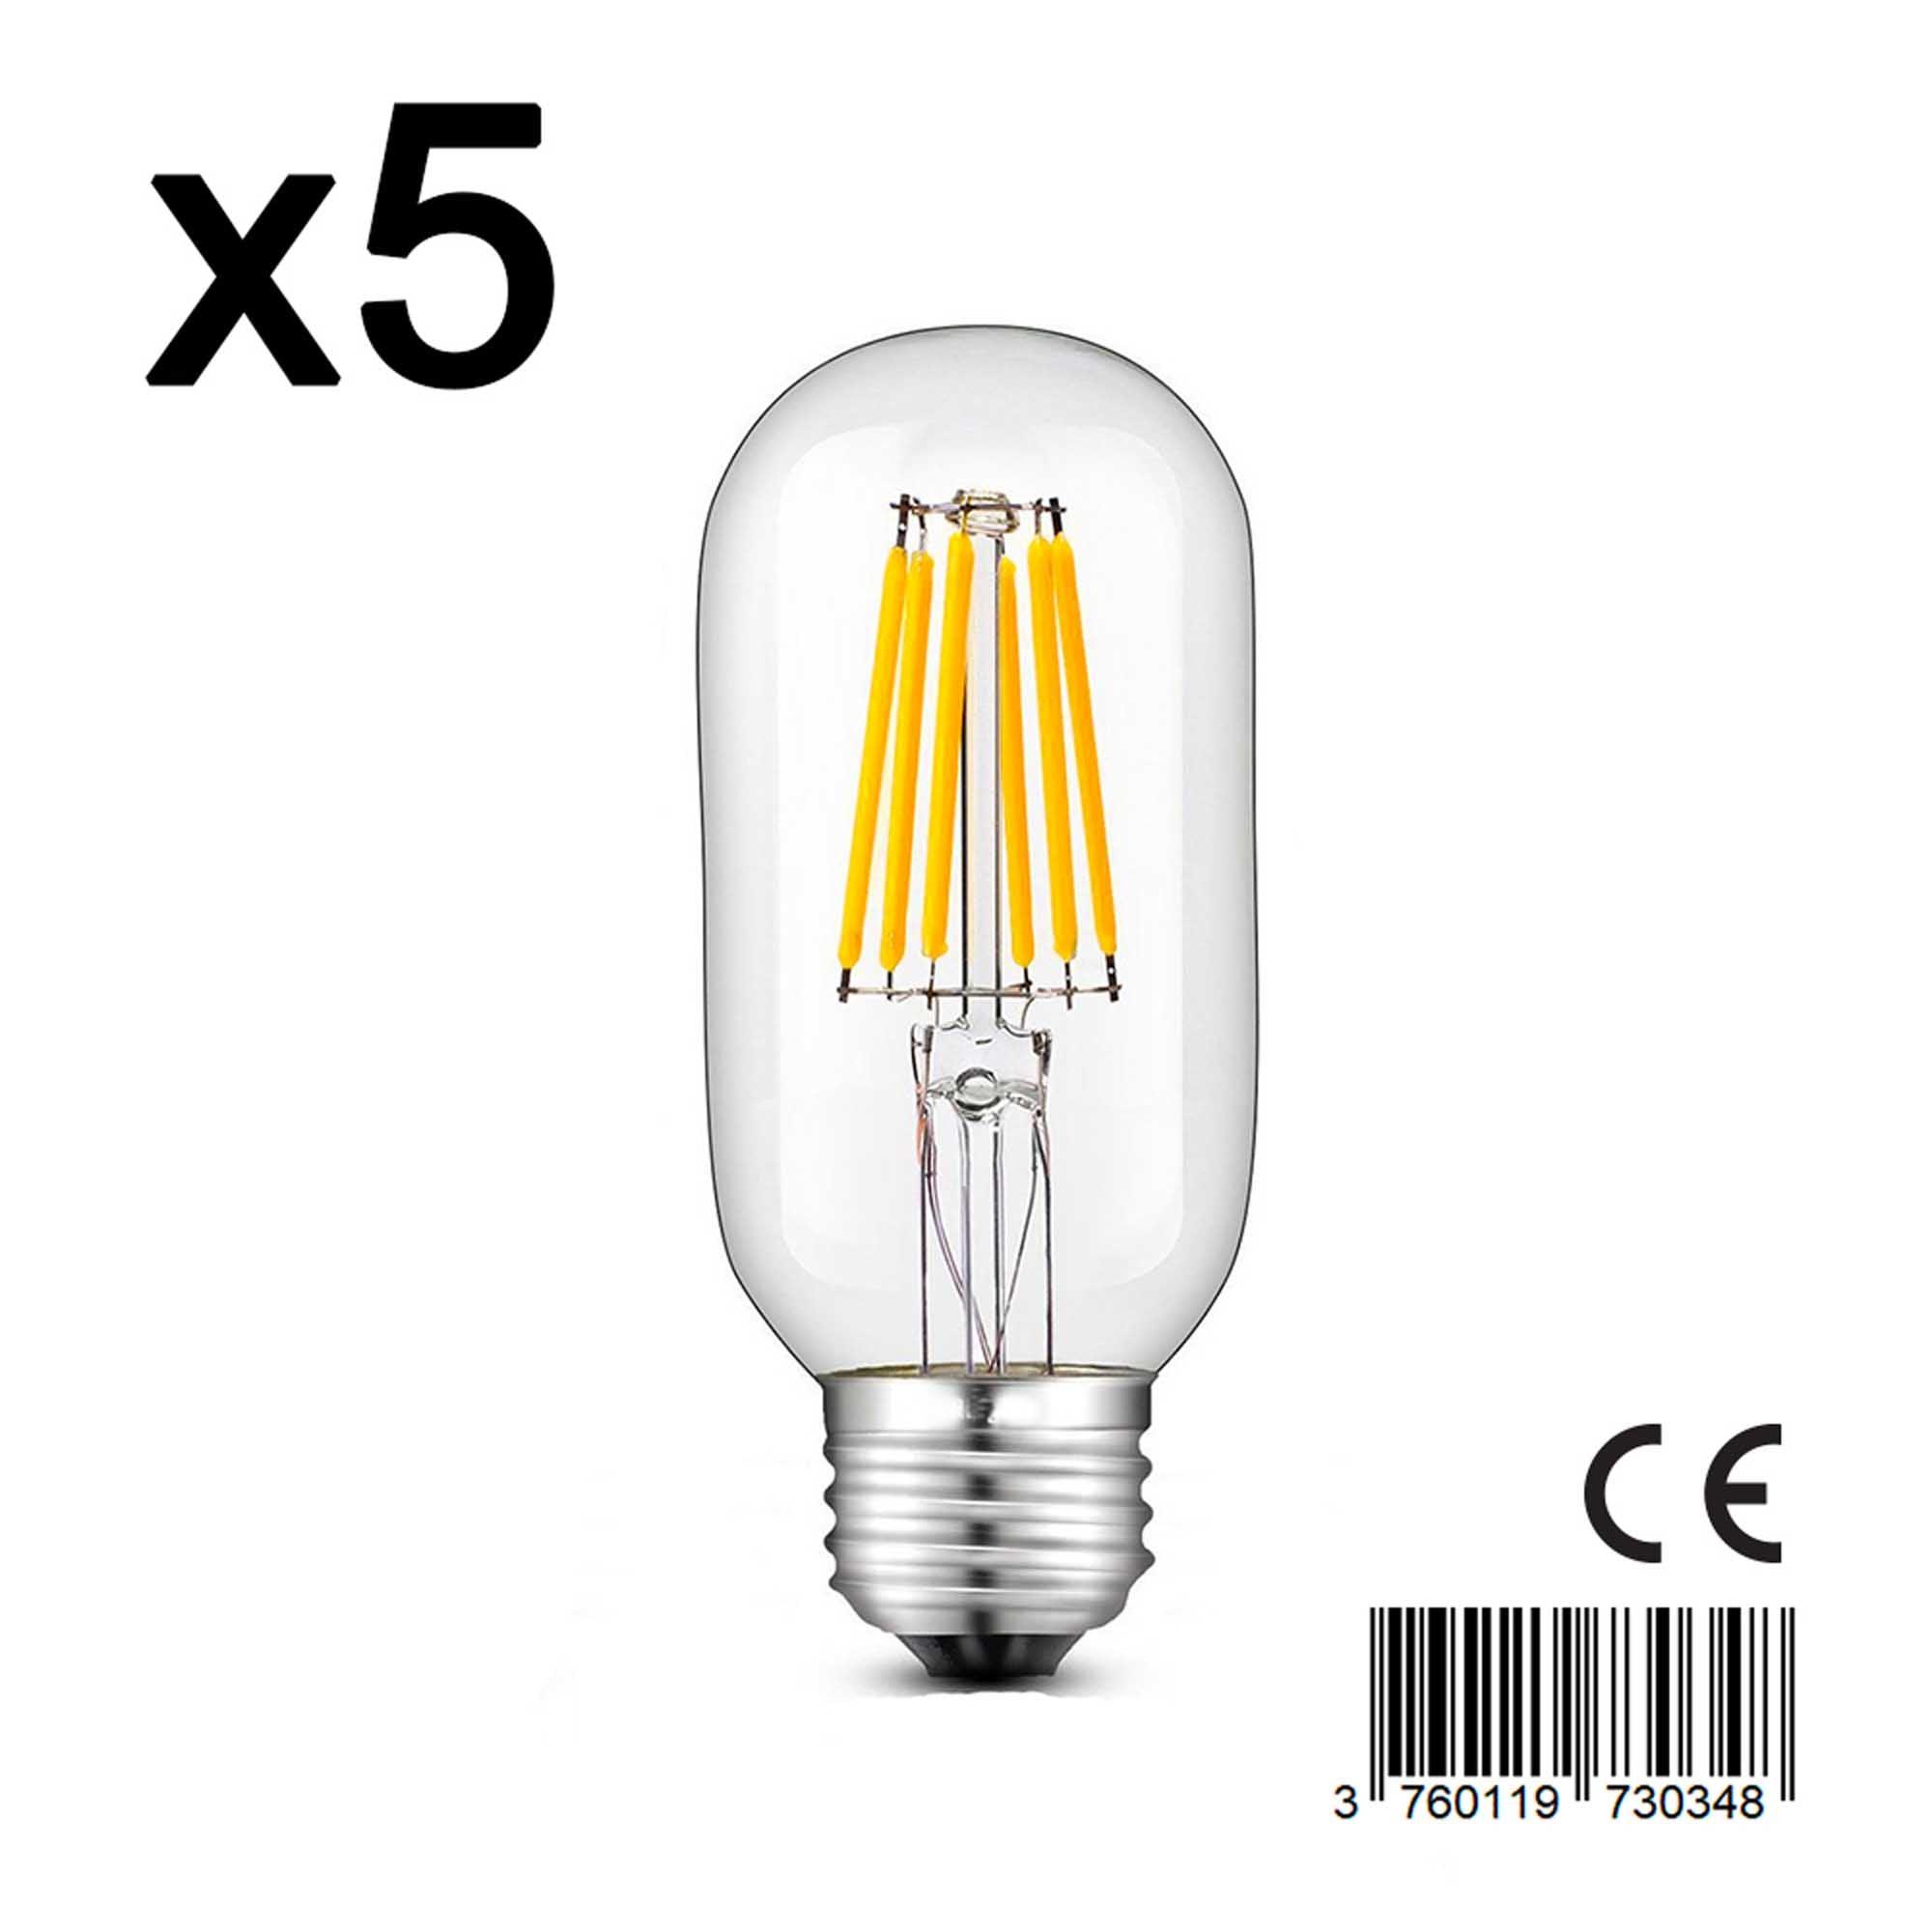 Lot de 5 ampoules LED verre transparent 6W H12cm